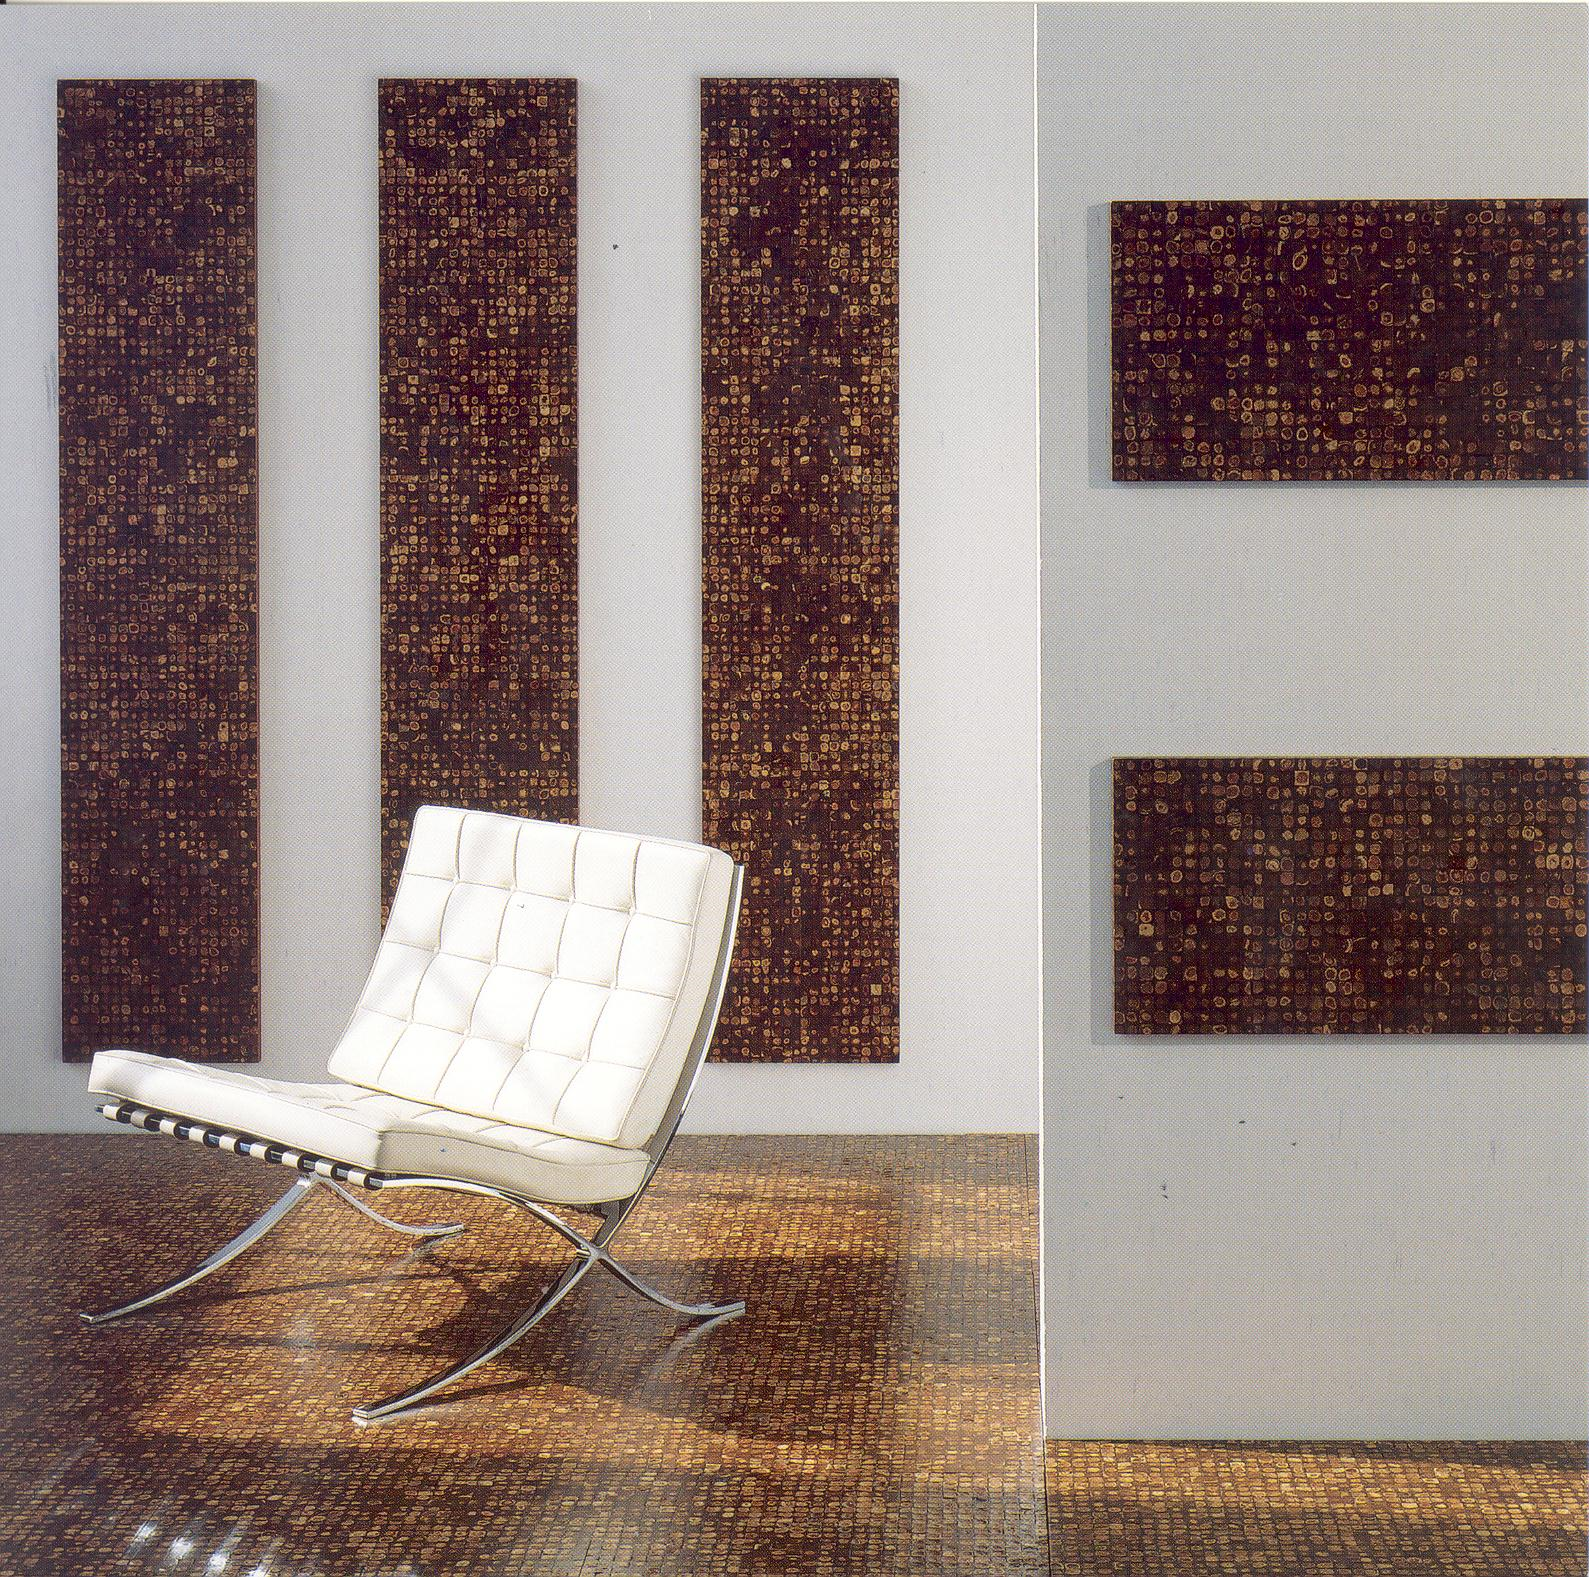 Kokosmozaïeken van EKOBE voor het interieur:  Als wand en vloerbekleding, Als designmateriaal voor de meubelbranche.  Wandbekleding, wandbehang, houten wand, wand decoratie, kokos, natuurlijk, natuurproduct, bijzonder wand, kokosnoot, mozaïek, cocos, cocos mosaic. Wall, mosaic, wand mozaïek